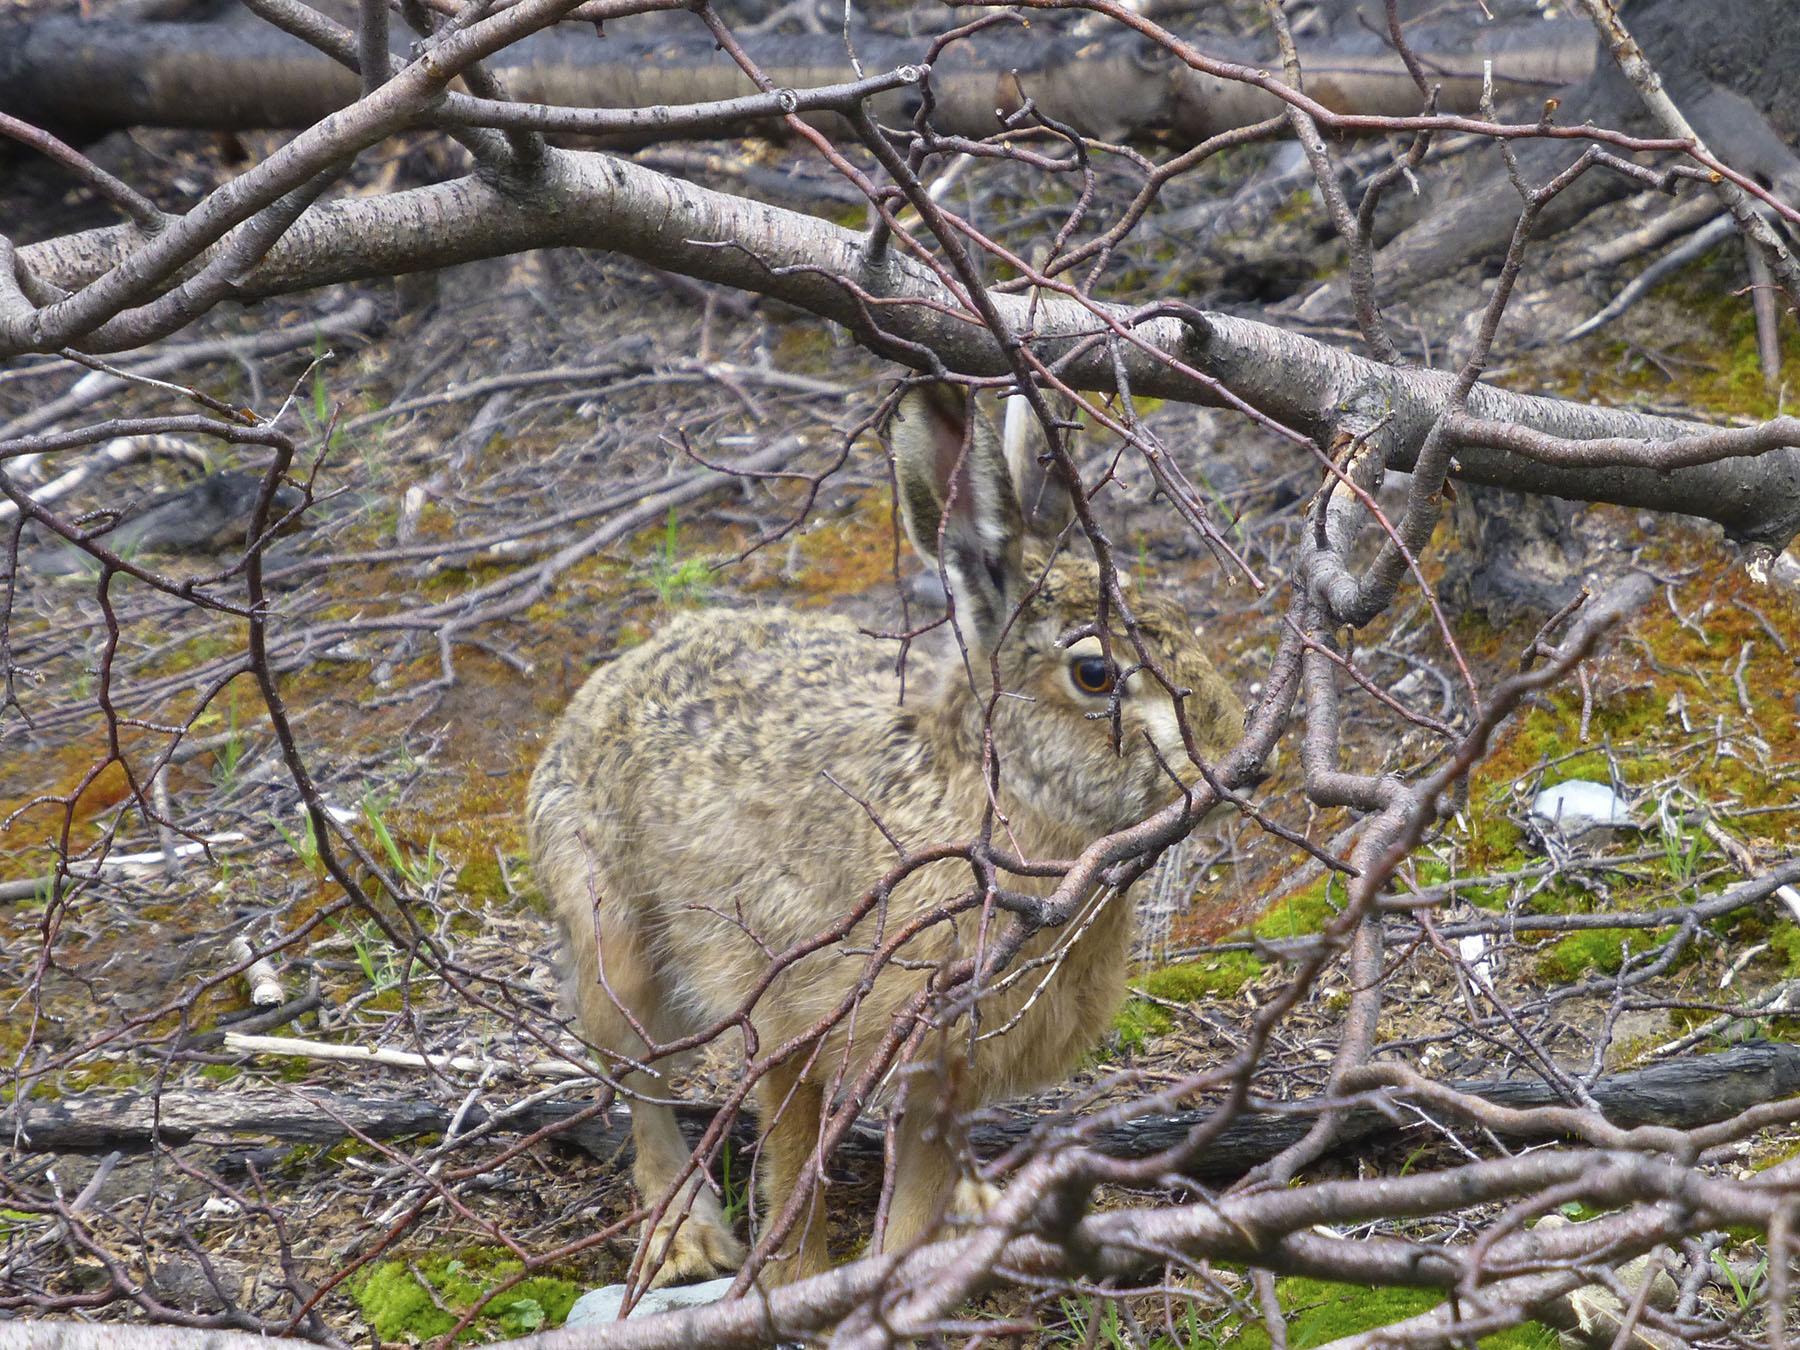 Giant Rabbit